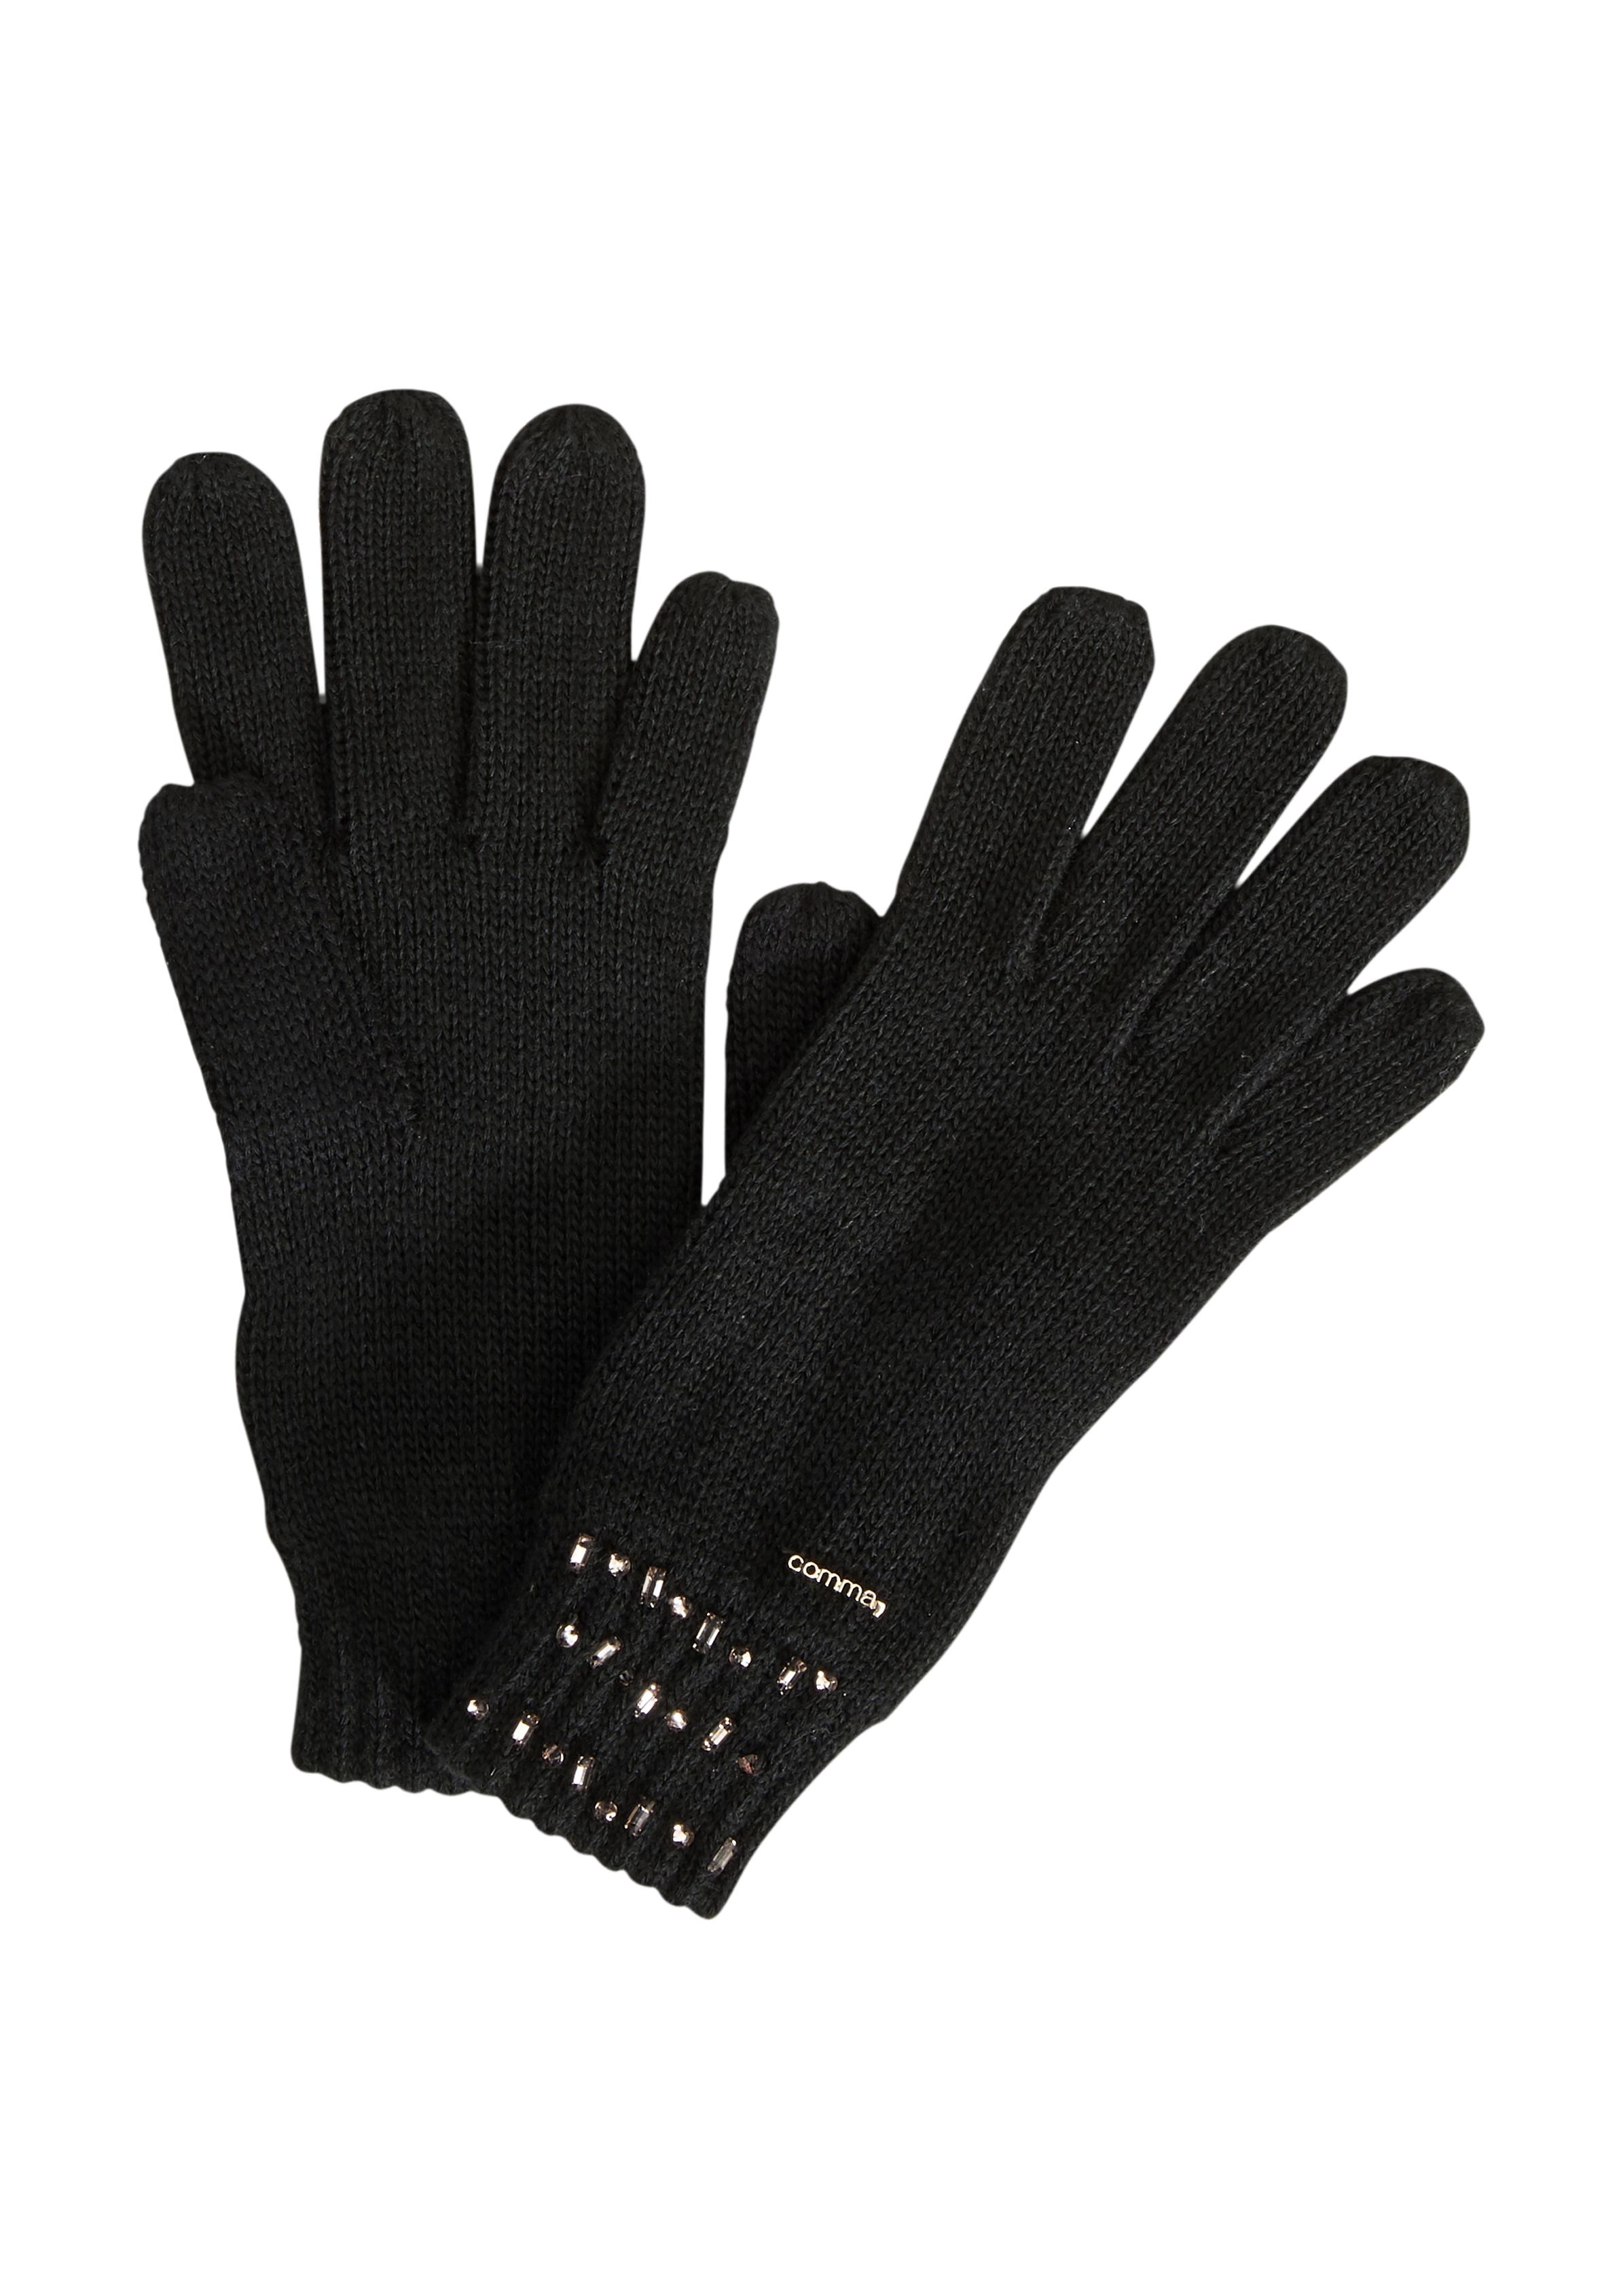 Strickhandschuhe | Accessoires > Handschuhe > Strickhandschuhe | Grau/schwarz | 100% polyacryl | comma